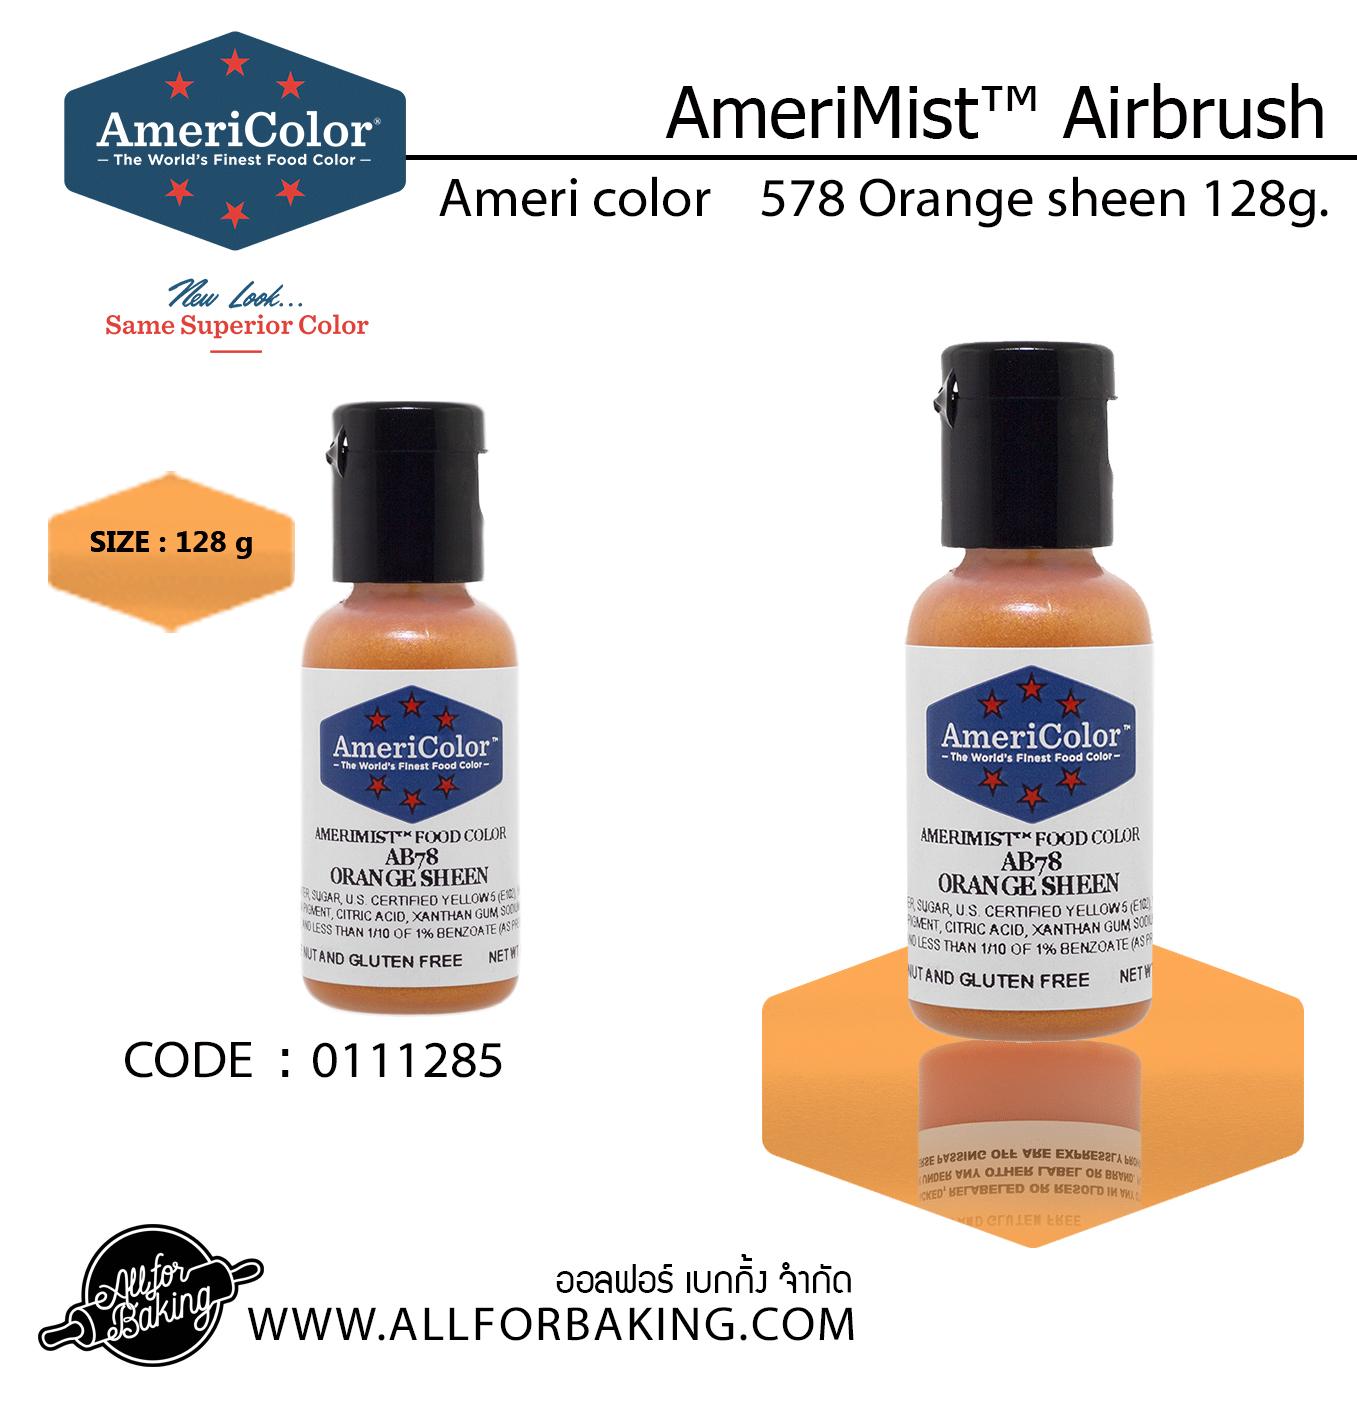 Ameri color 578 Orange sheen 128g. (128 g)